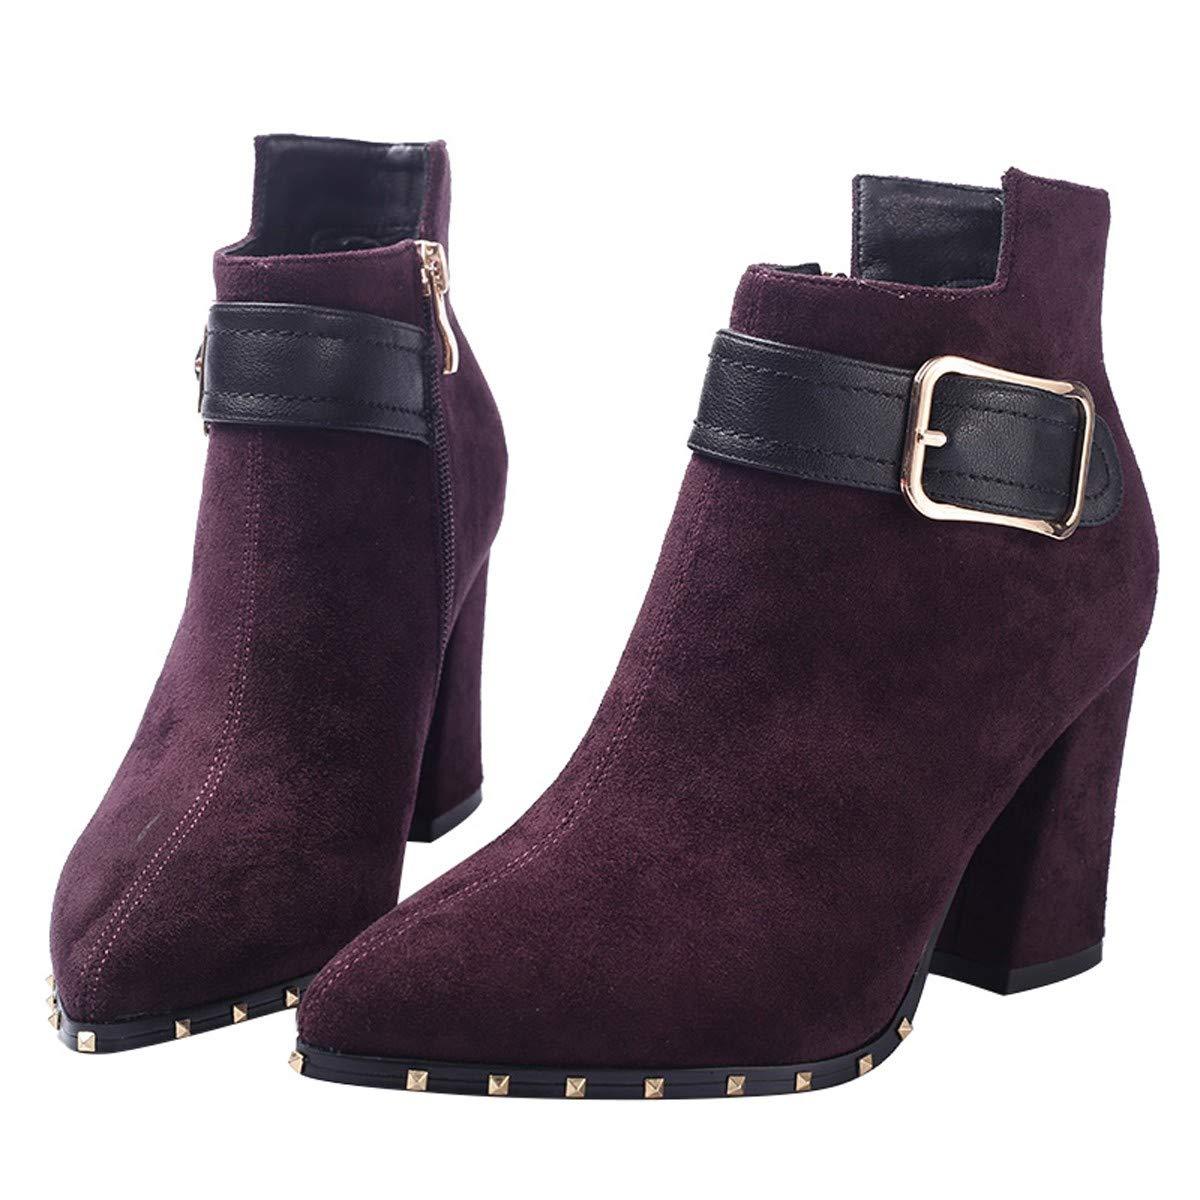 HBDLH Damenschuhe Schuhe Herbst Und Winter England Gürtel Dicke Sohle Einfache Wildleder Spitze 18Cm Hohe Absätze Retro - Stiefel